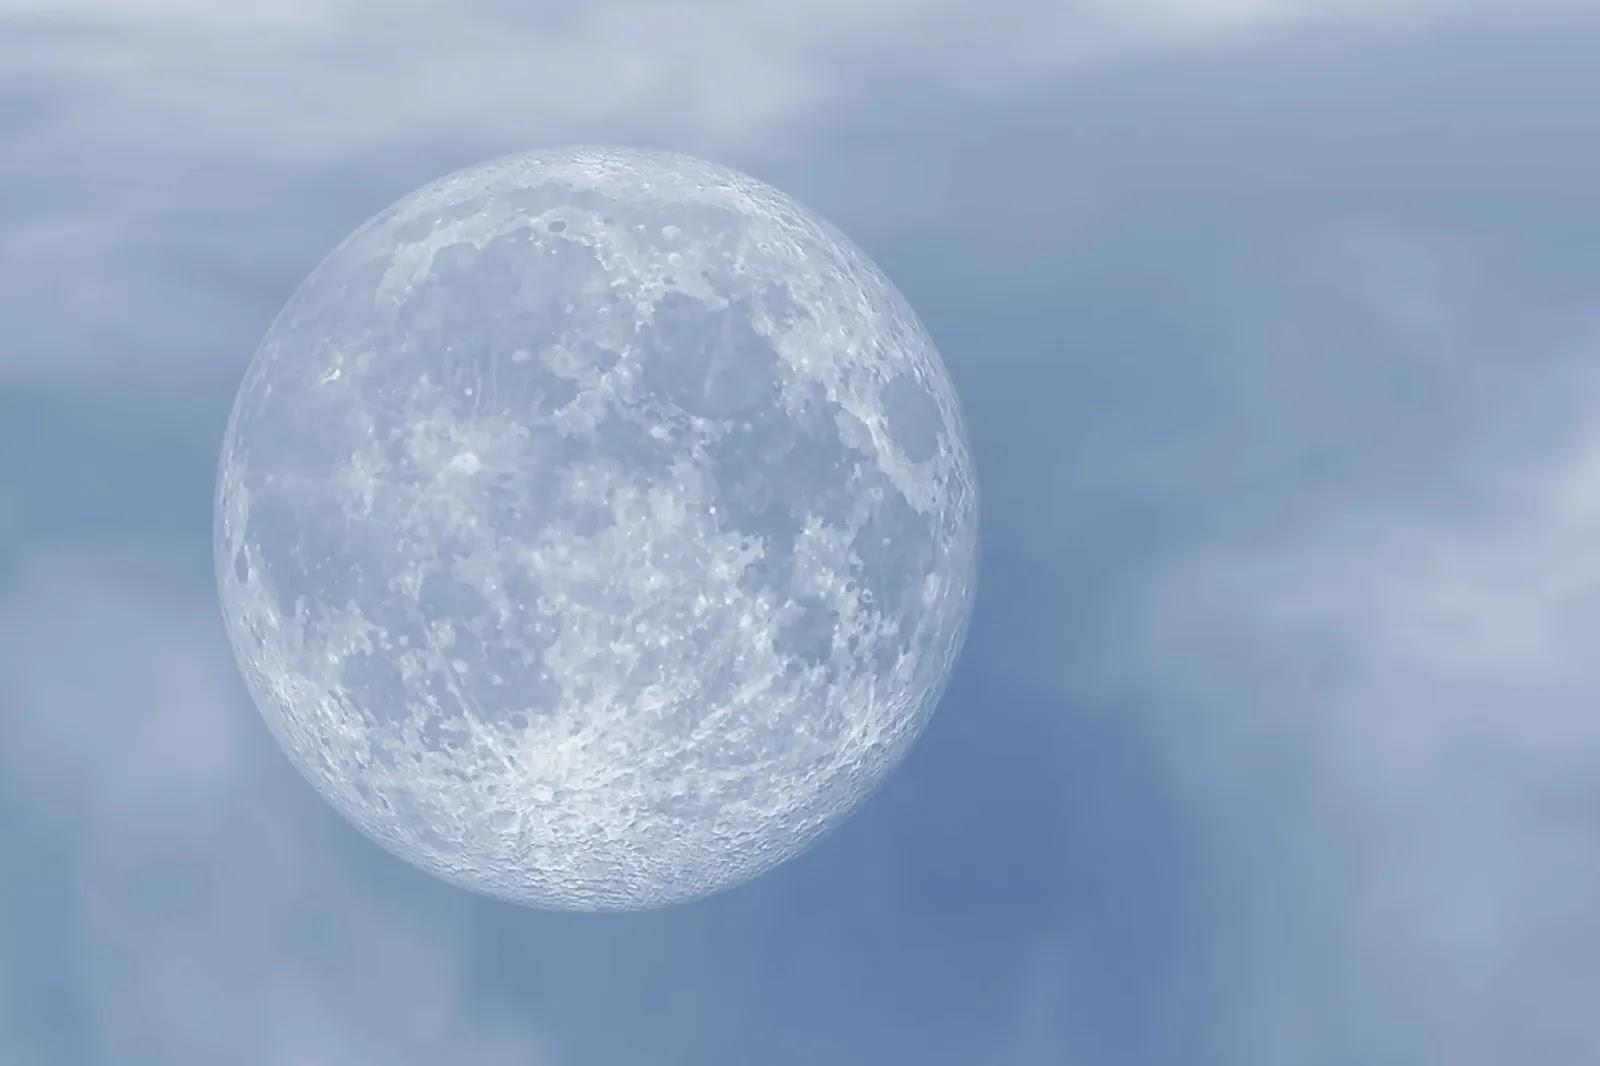 خلفيات الكمبيوتر وأجمل صور القمر